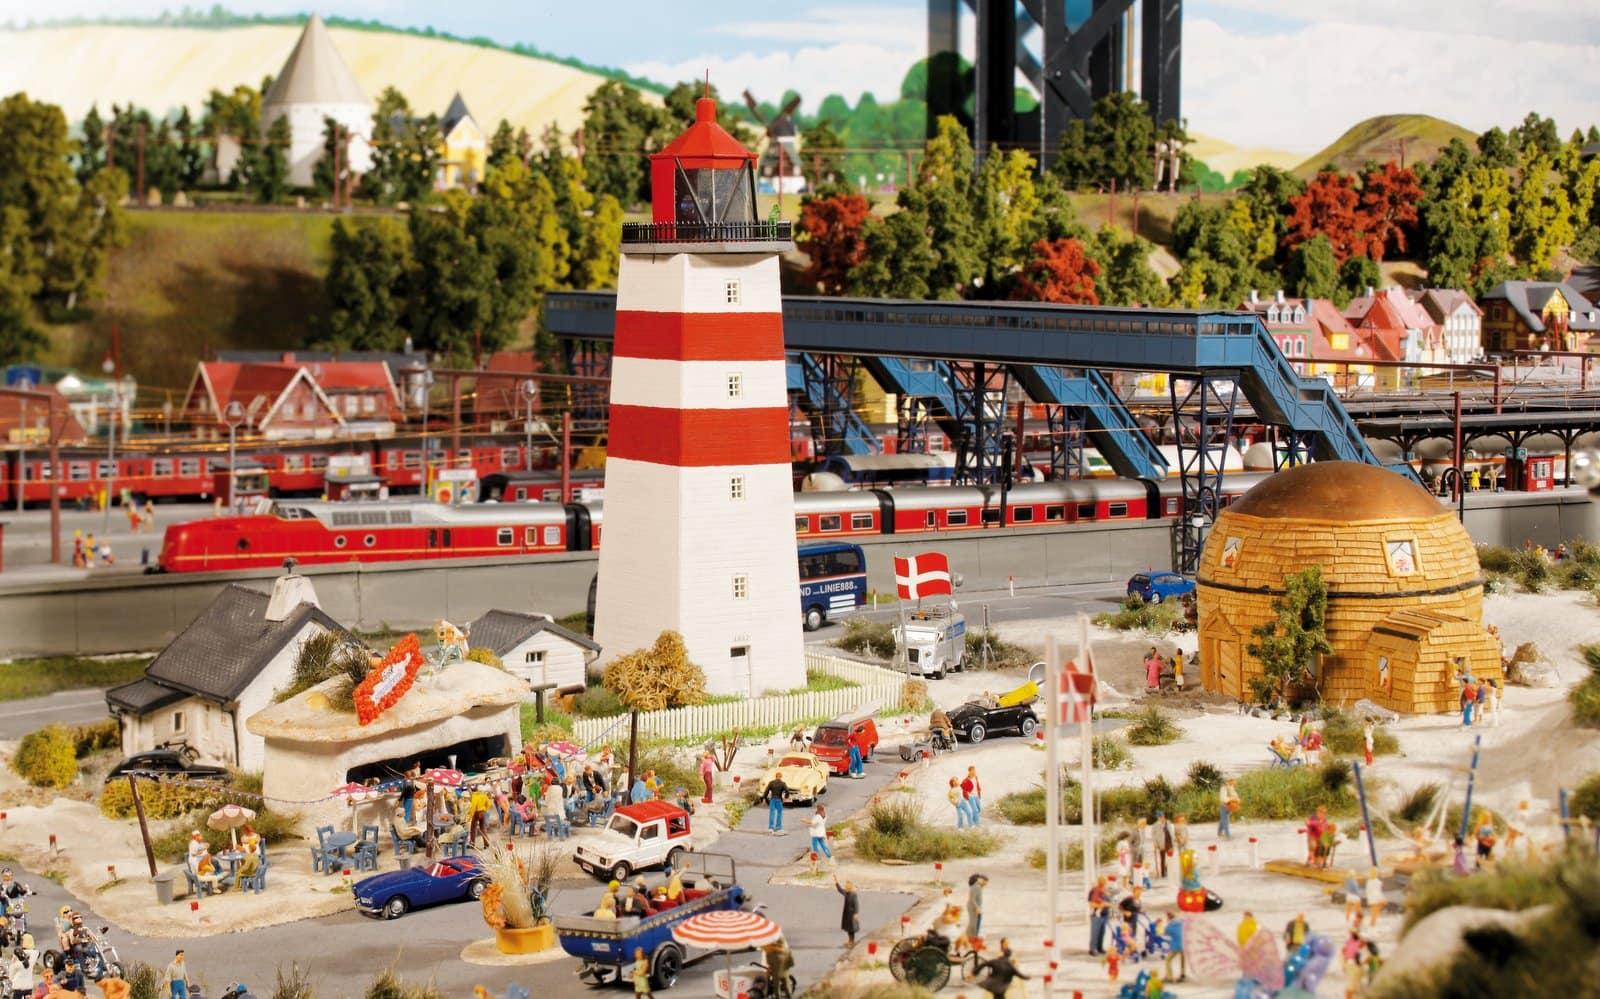 Direkt hinter dem Strand mit dem auffälligen Leuchtturm liegt der Pardborger Bahnhof. Ein Kurztrip nach Dänemark ist im Miniatur Wunderland in Hamburg möglich.